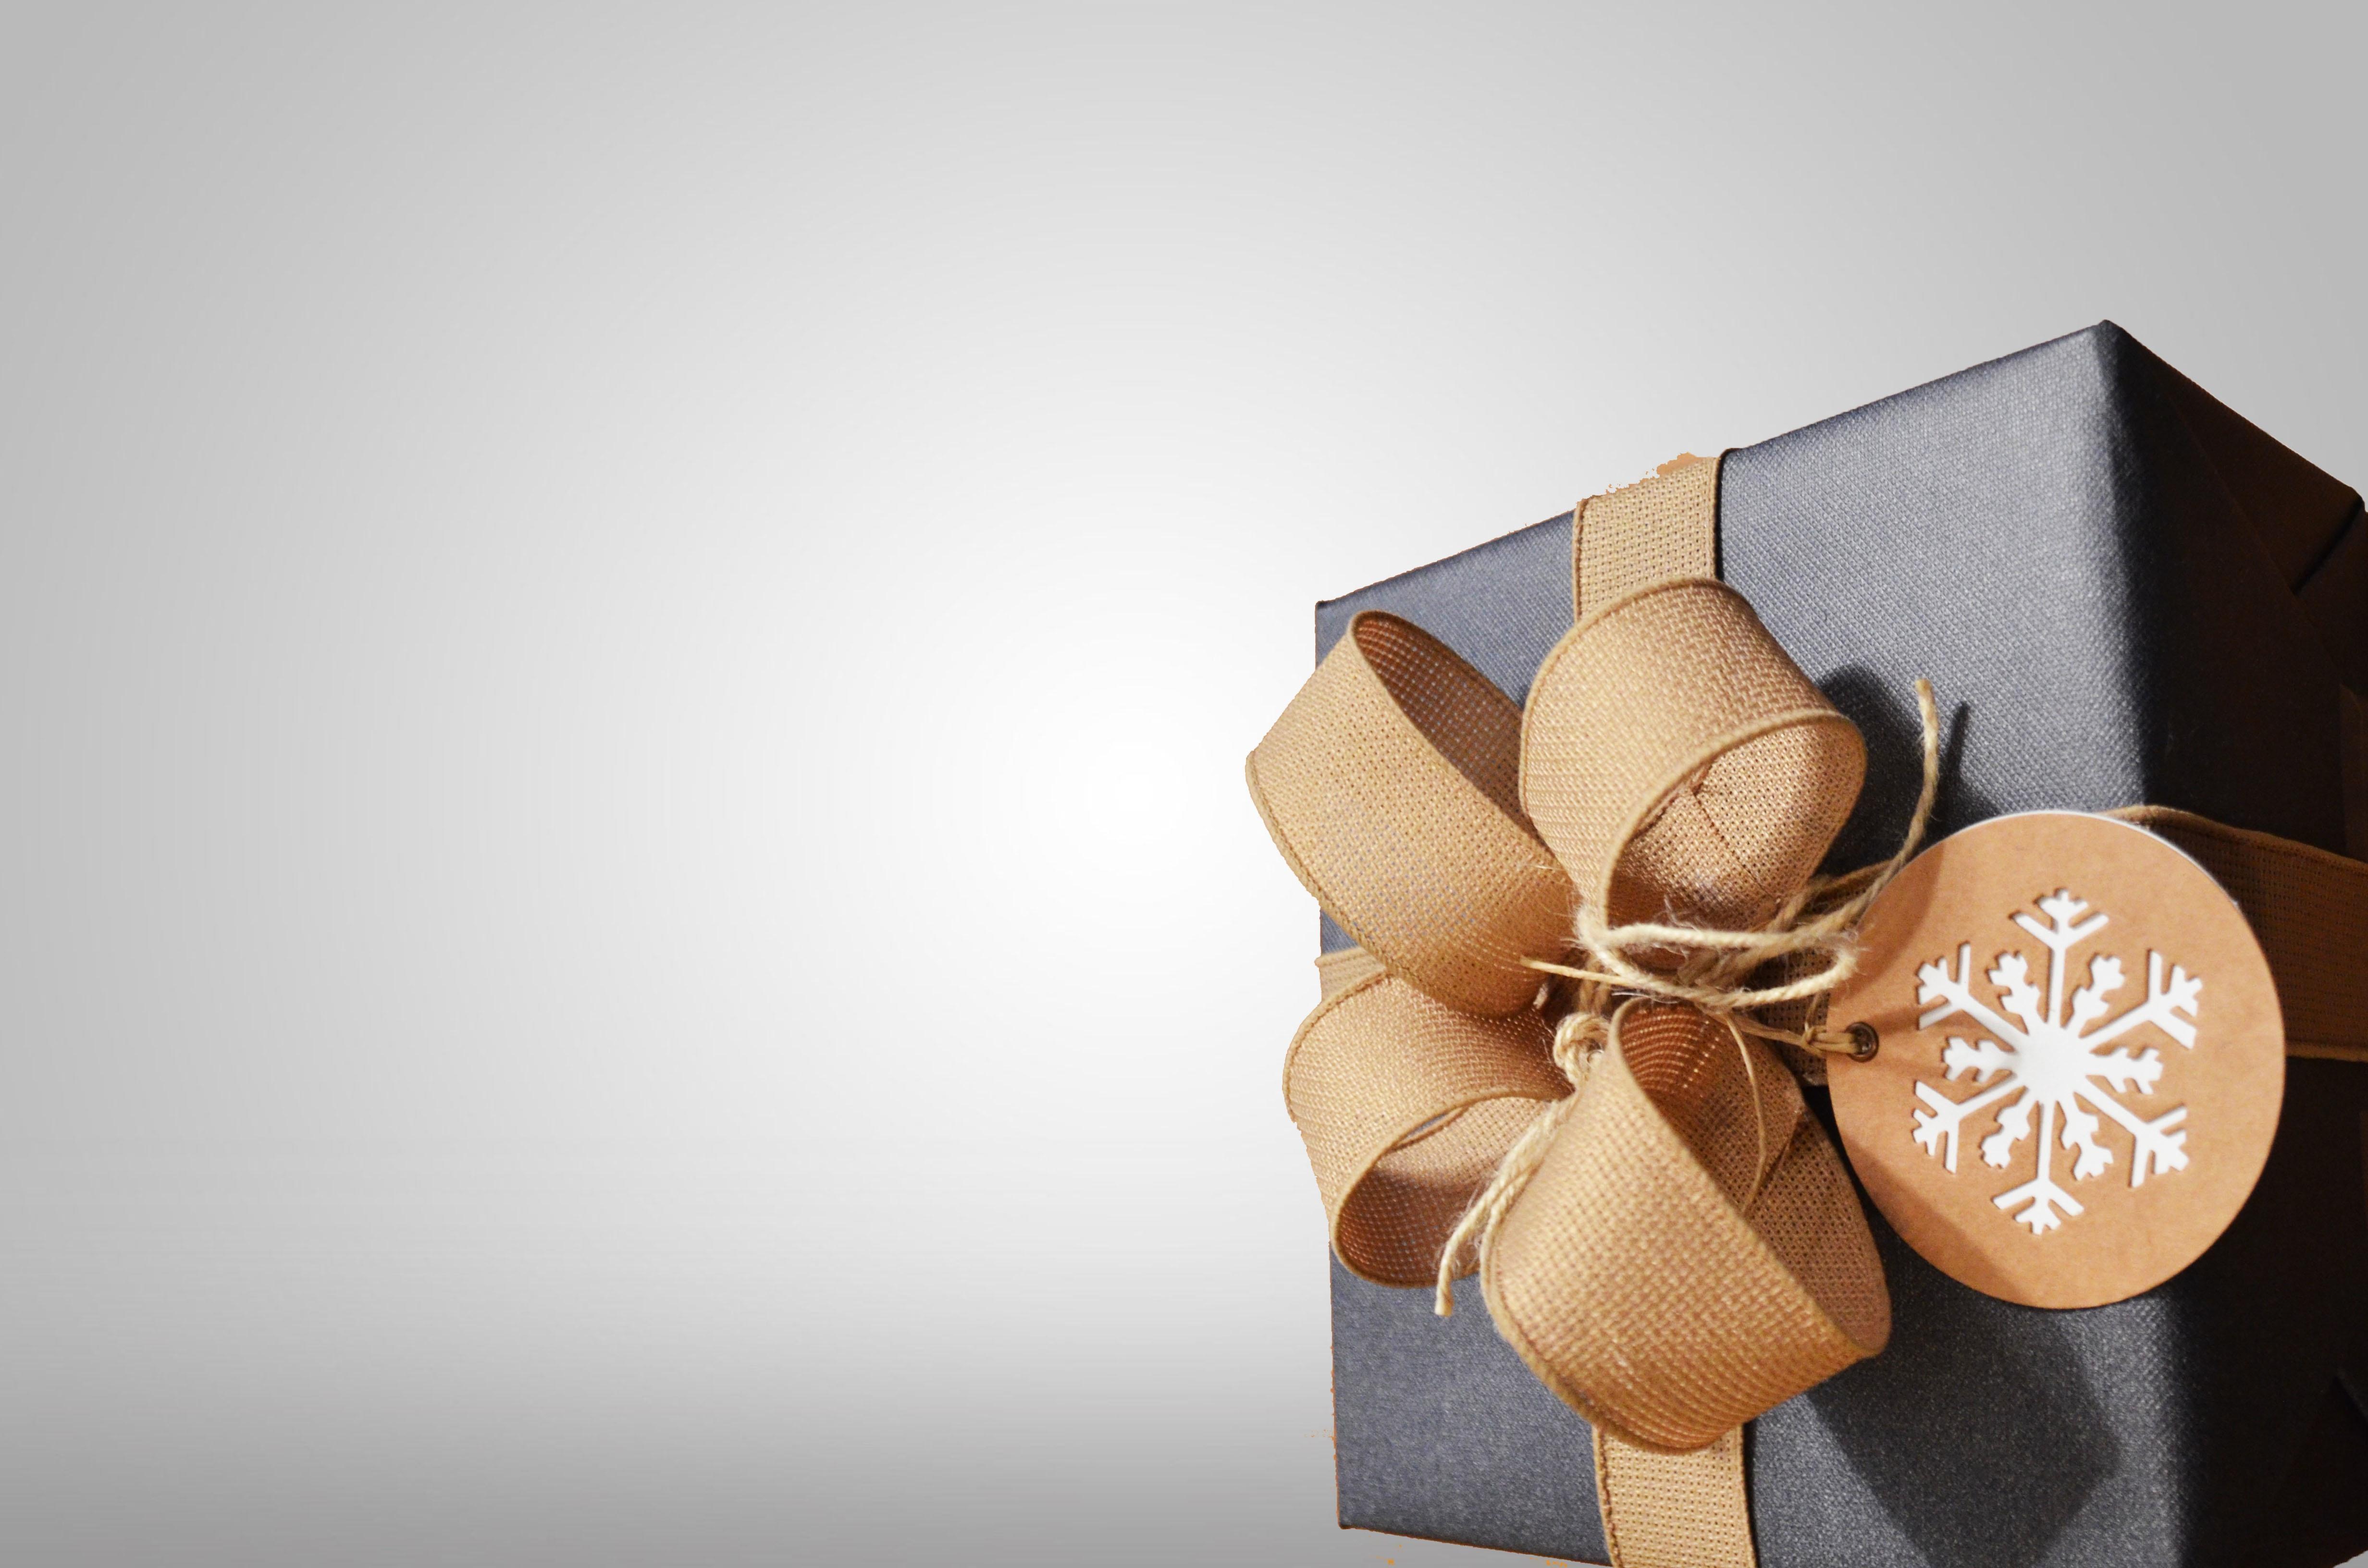 友達の出産祝いにオススメなプレゼントは?